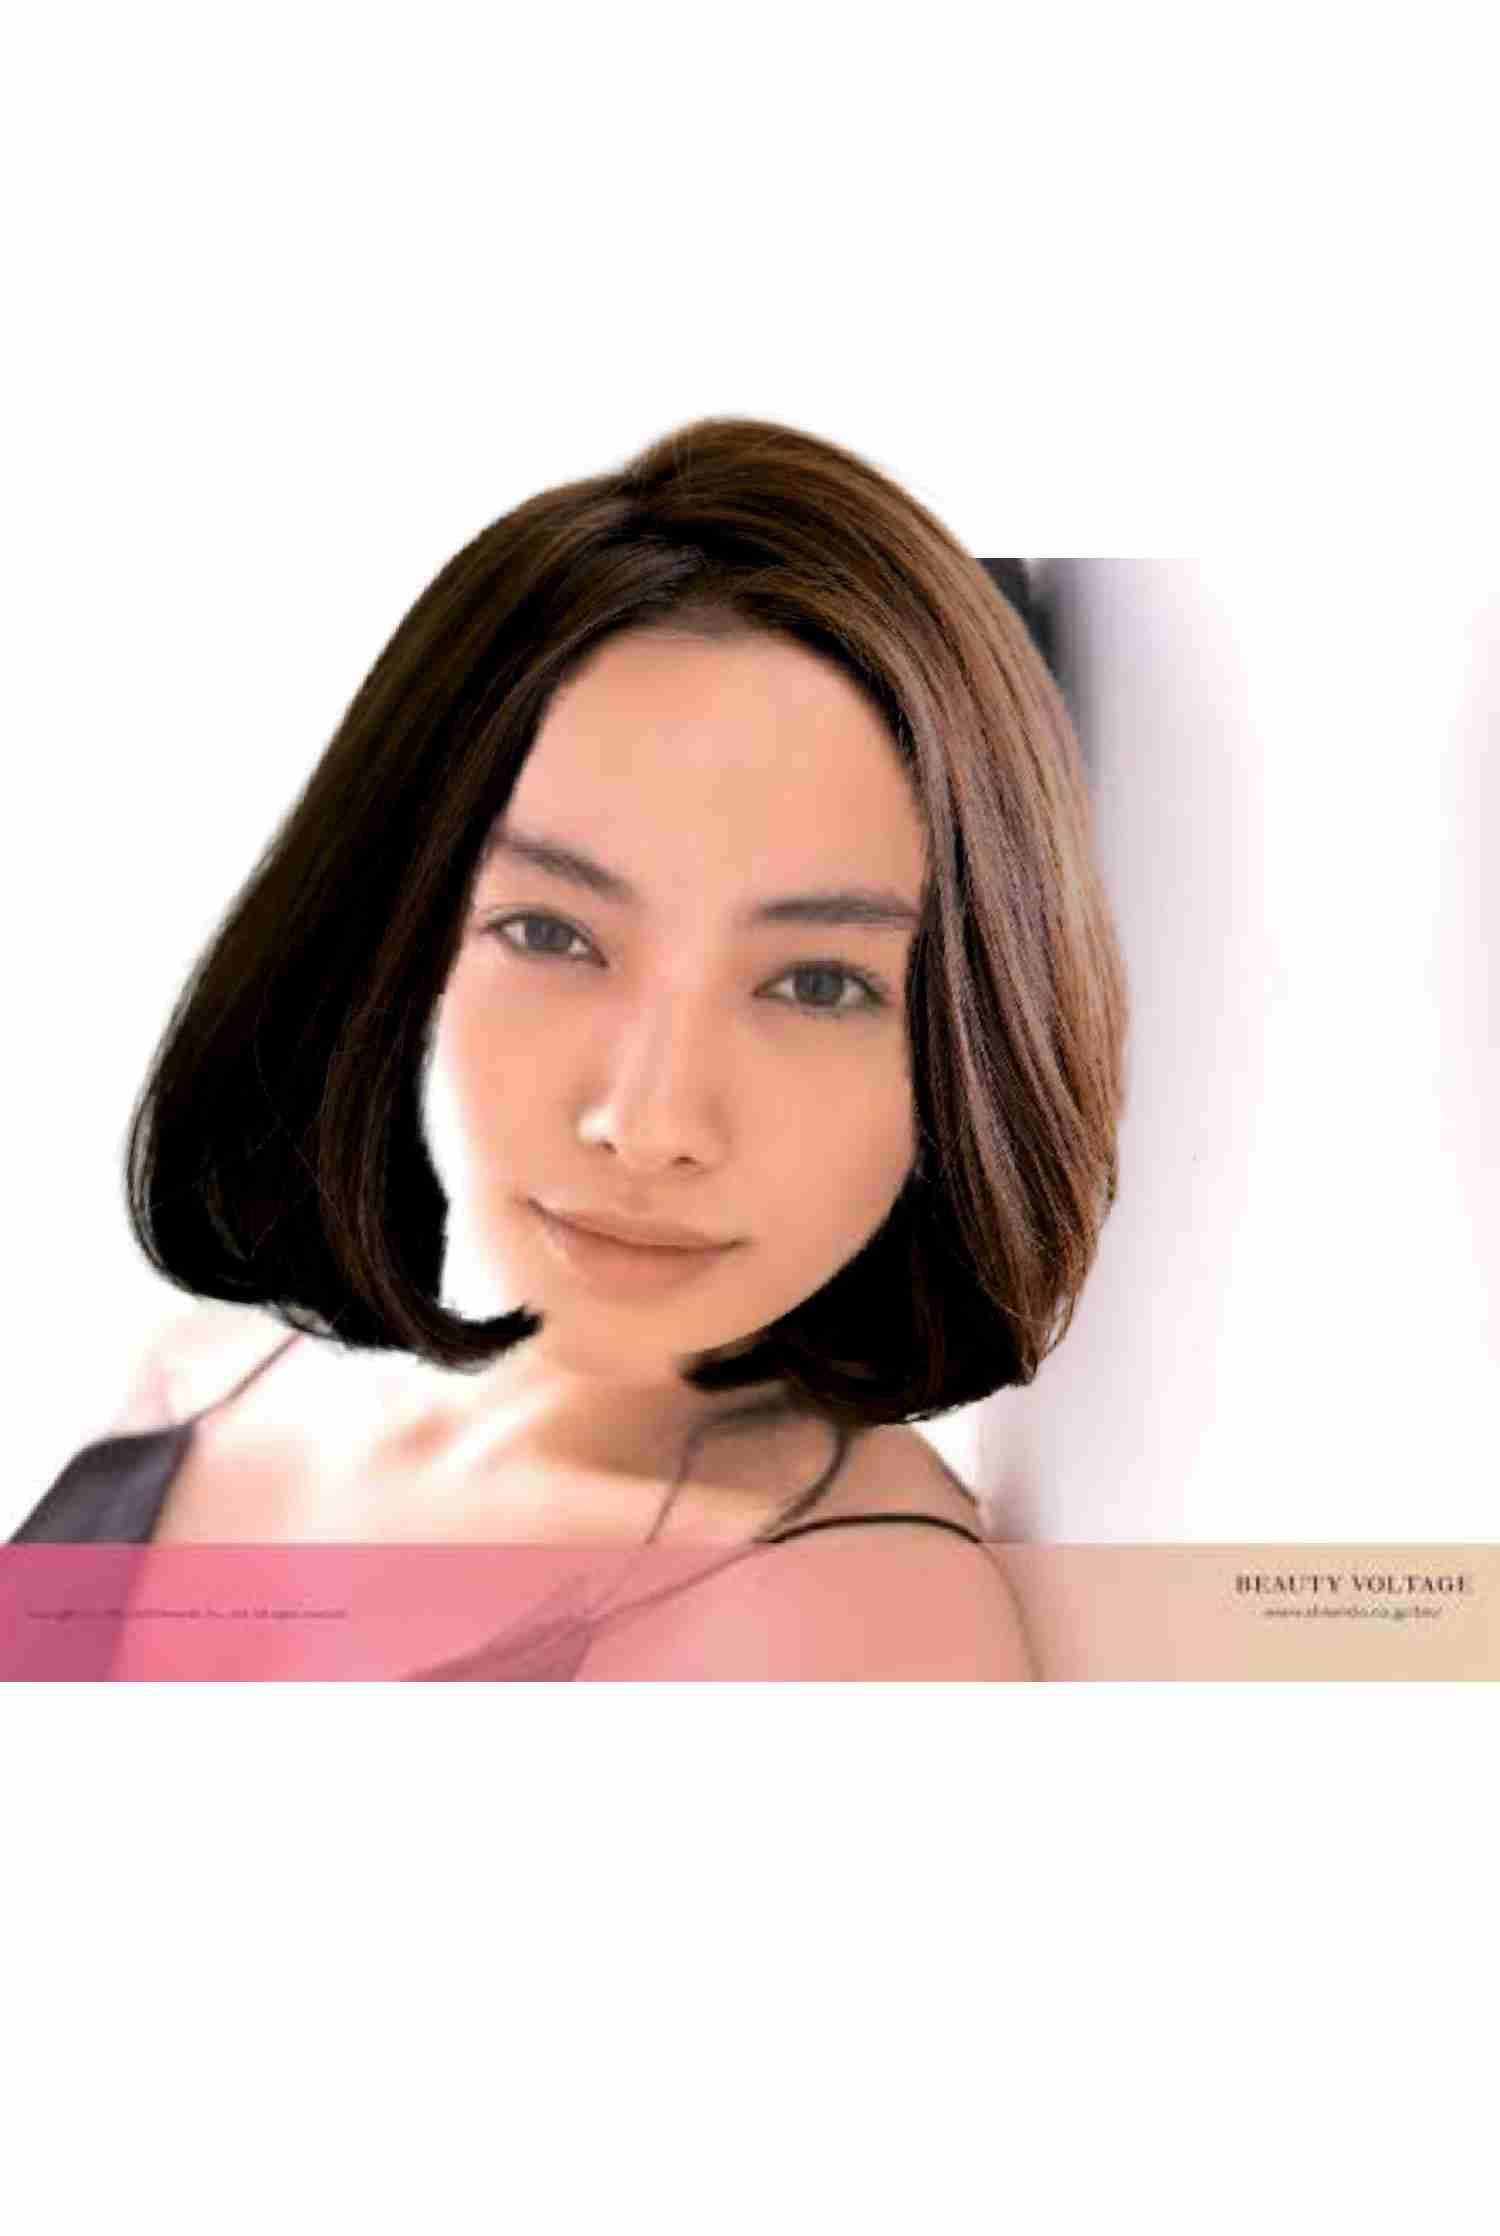 芸能人に髪型の変更を提案してみるトピ